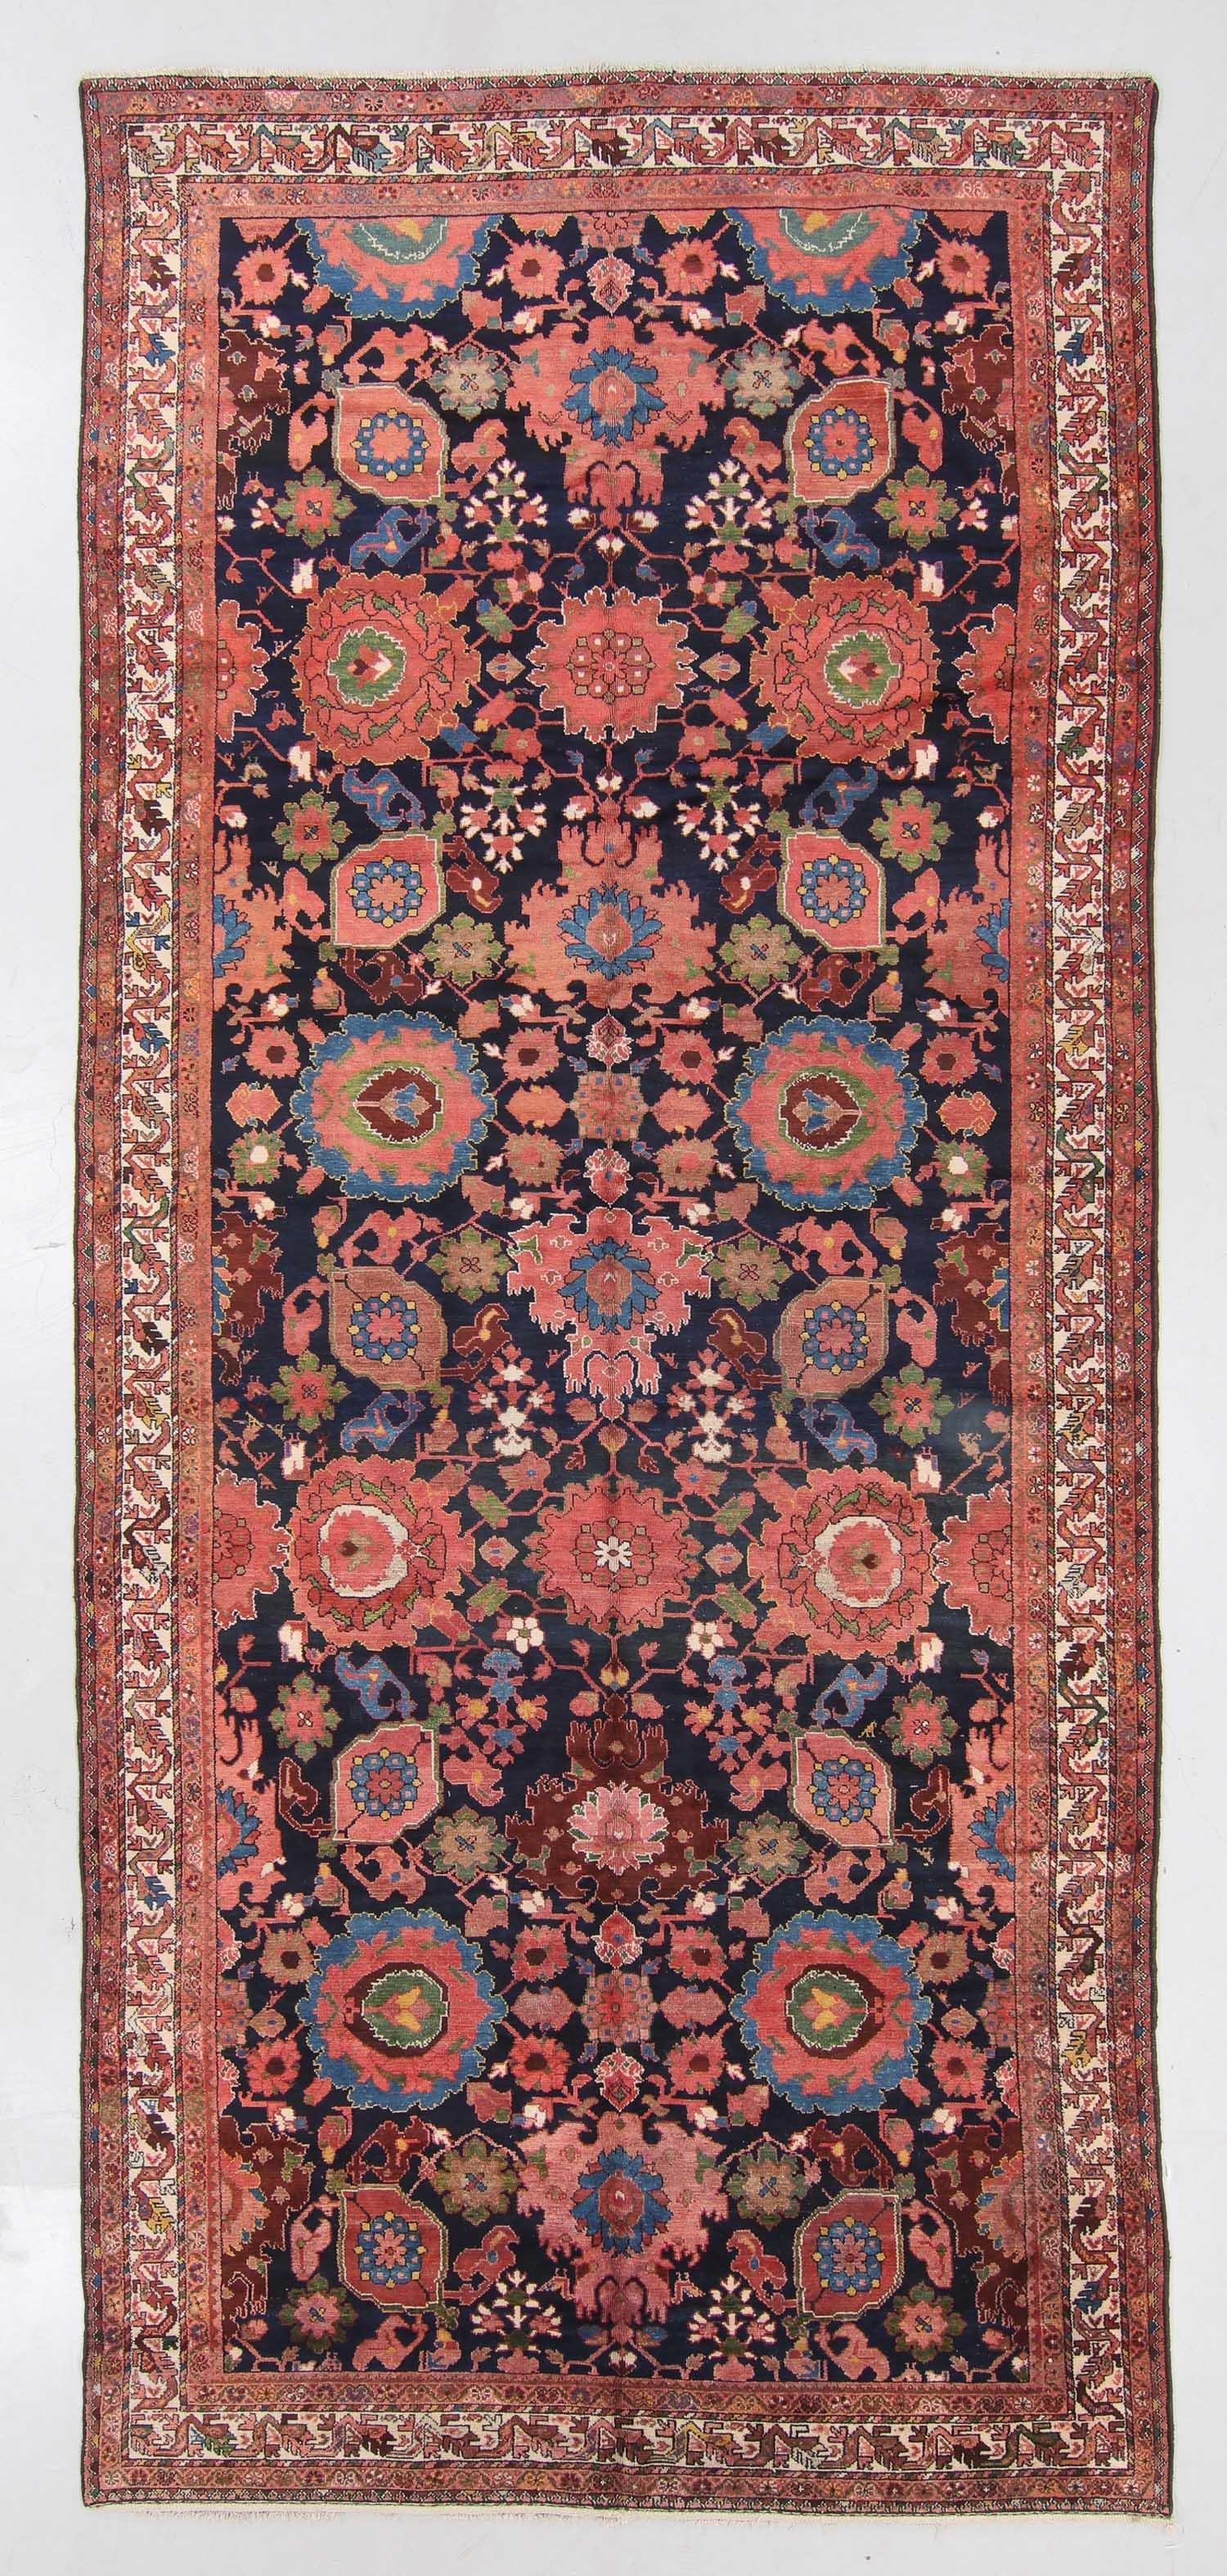 Semi-Antique Malayer Rug, Persia: 7'5'' x 16'4''